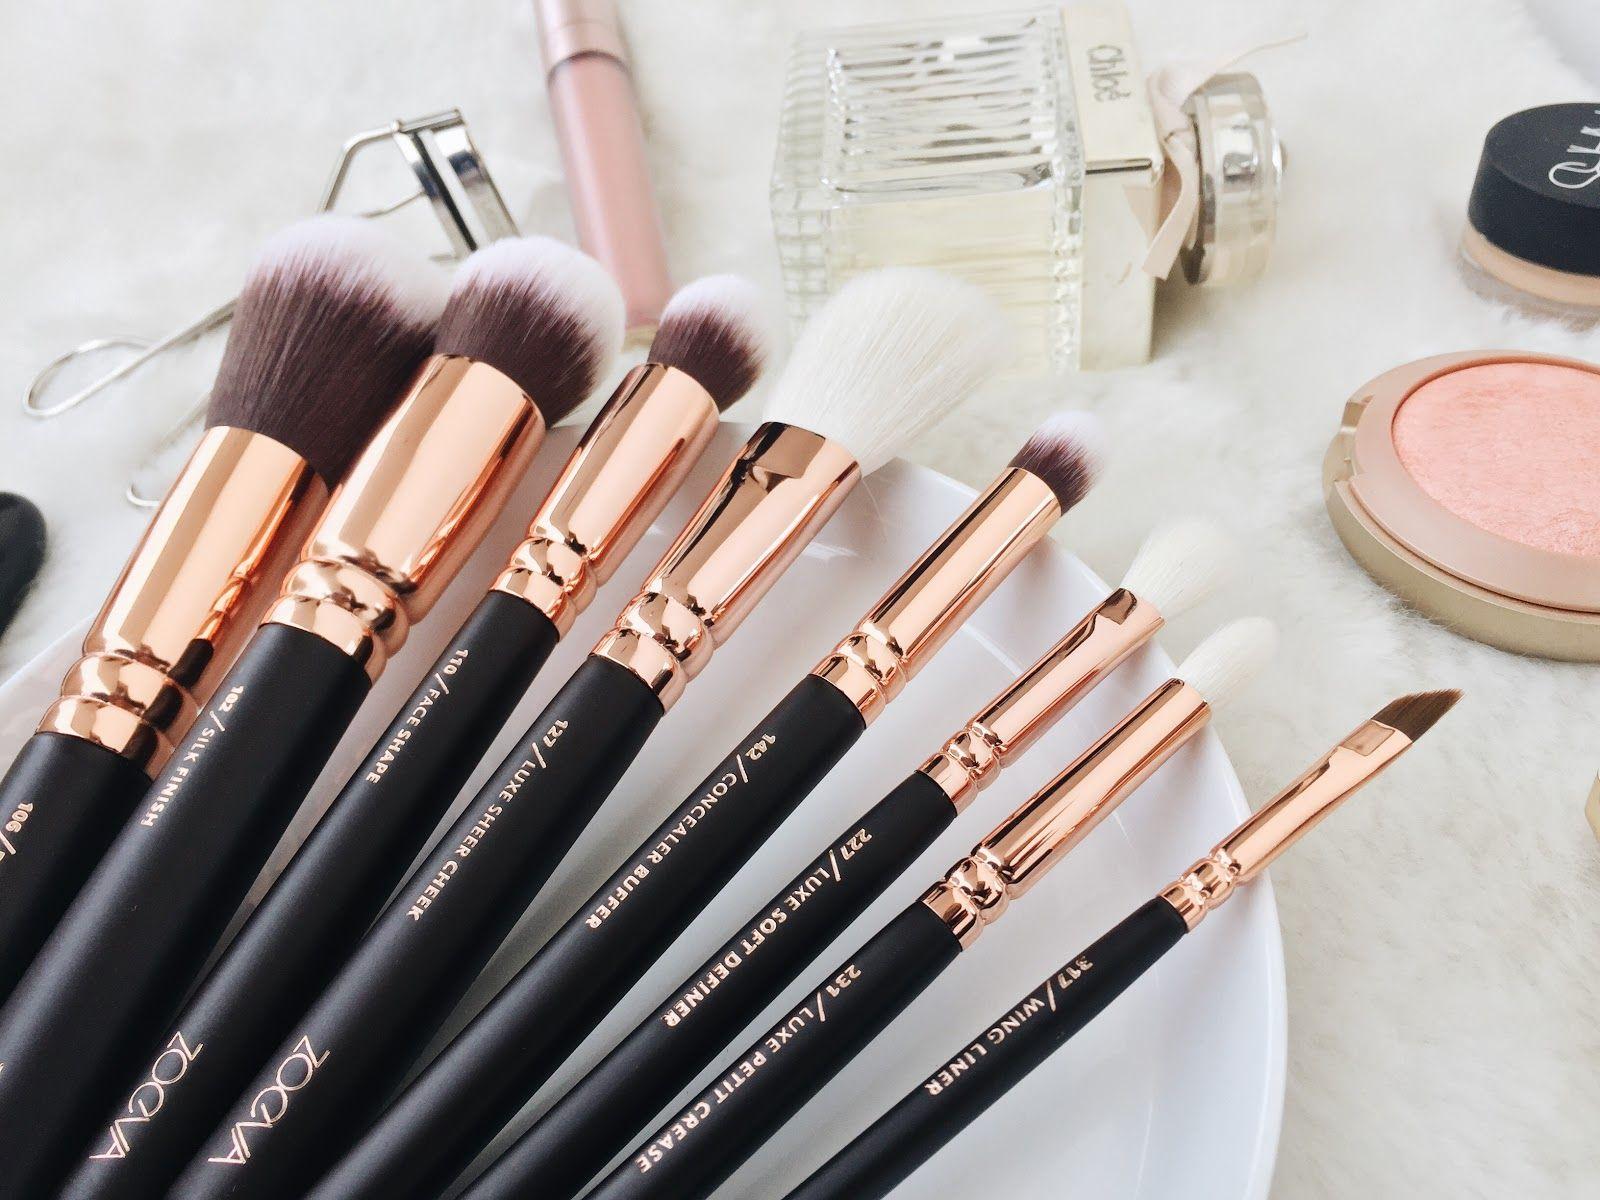 Review ZOEVA Rose Golden Luxury Set Vol. 1 Makeup